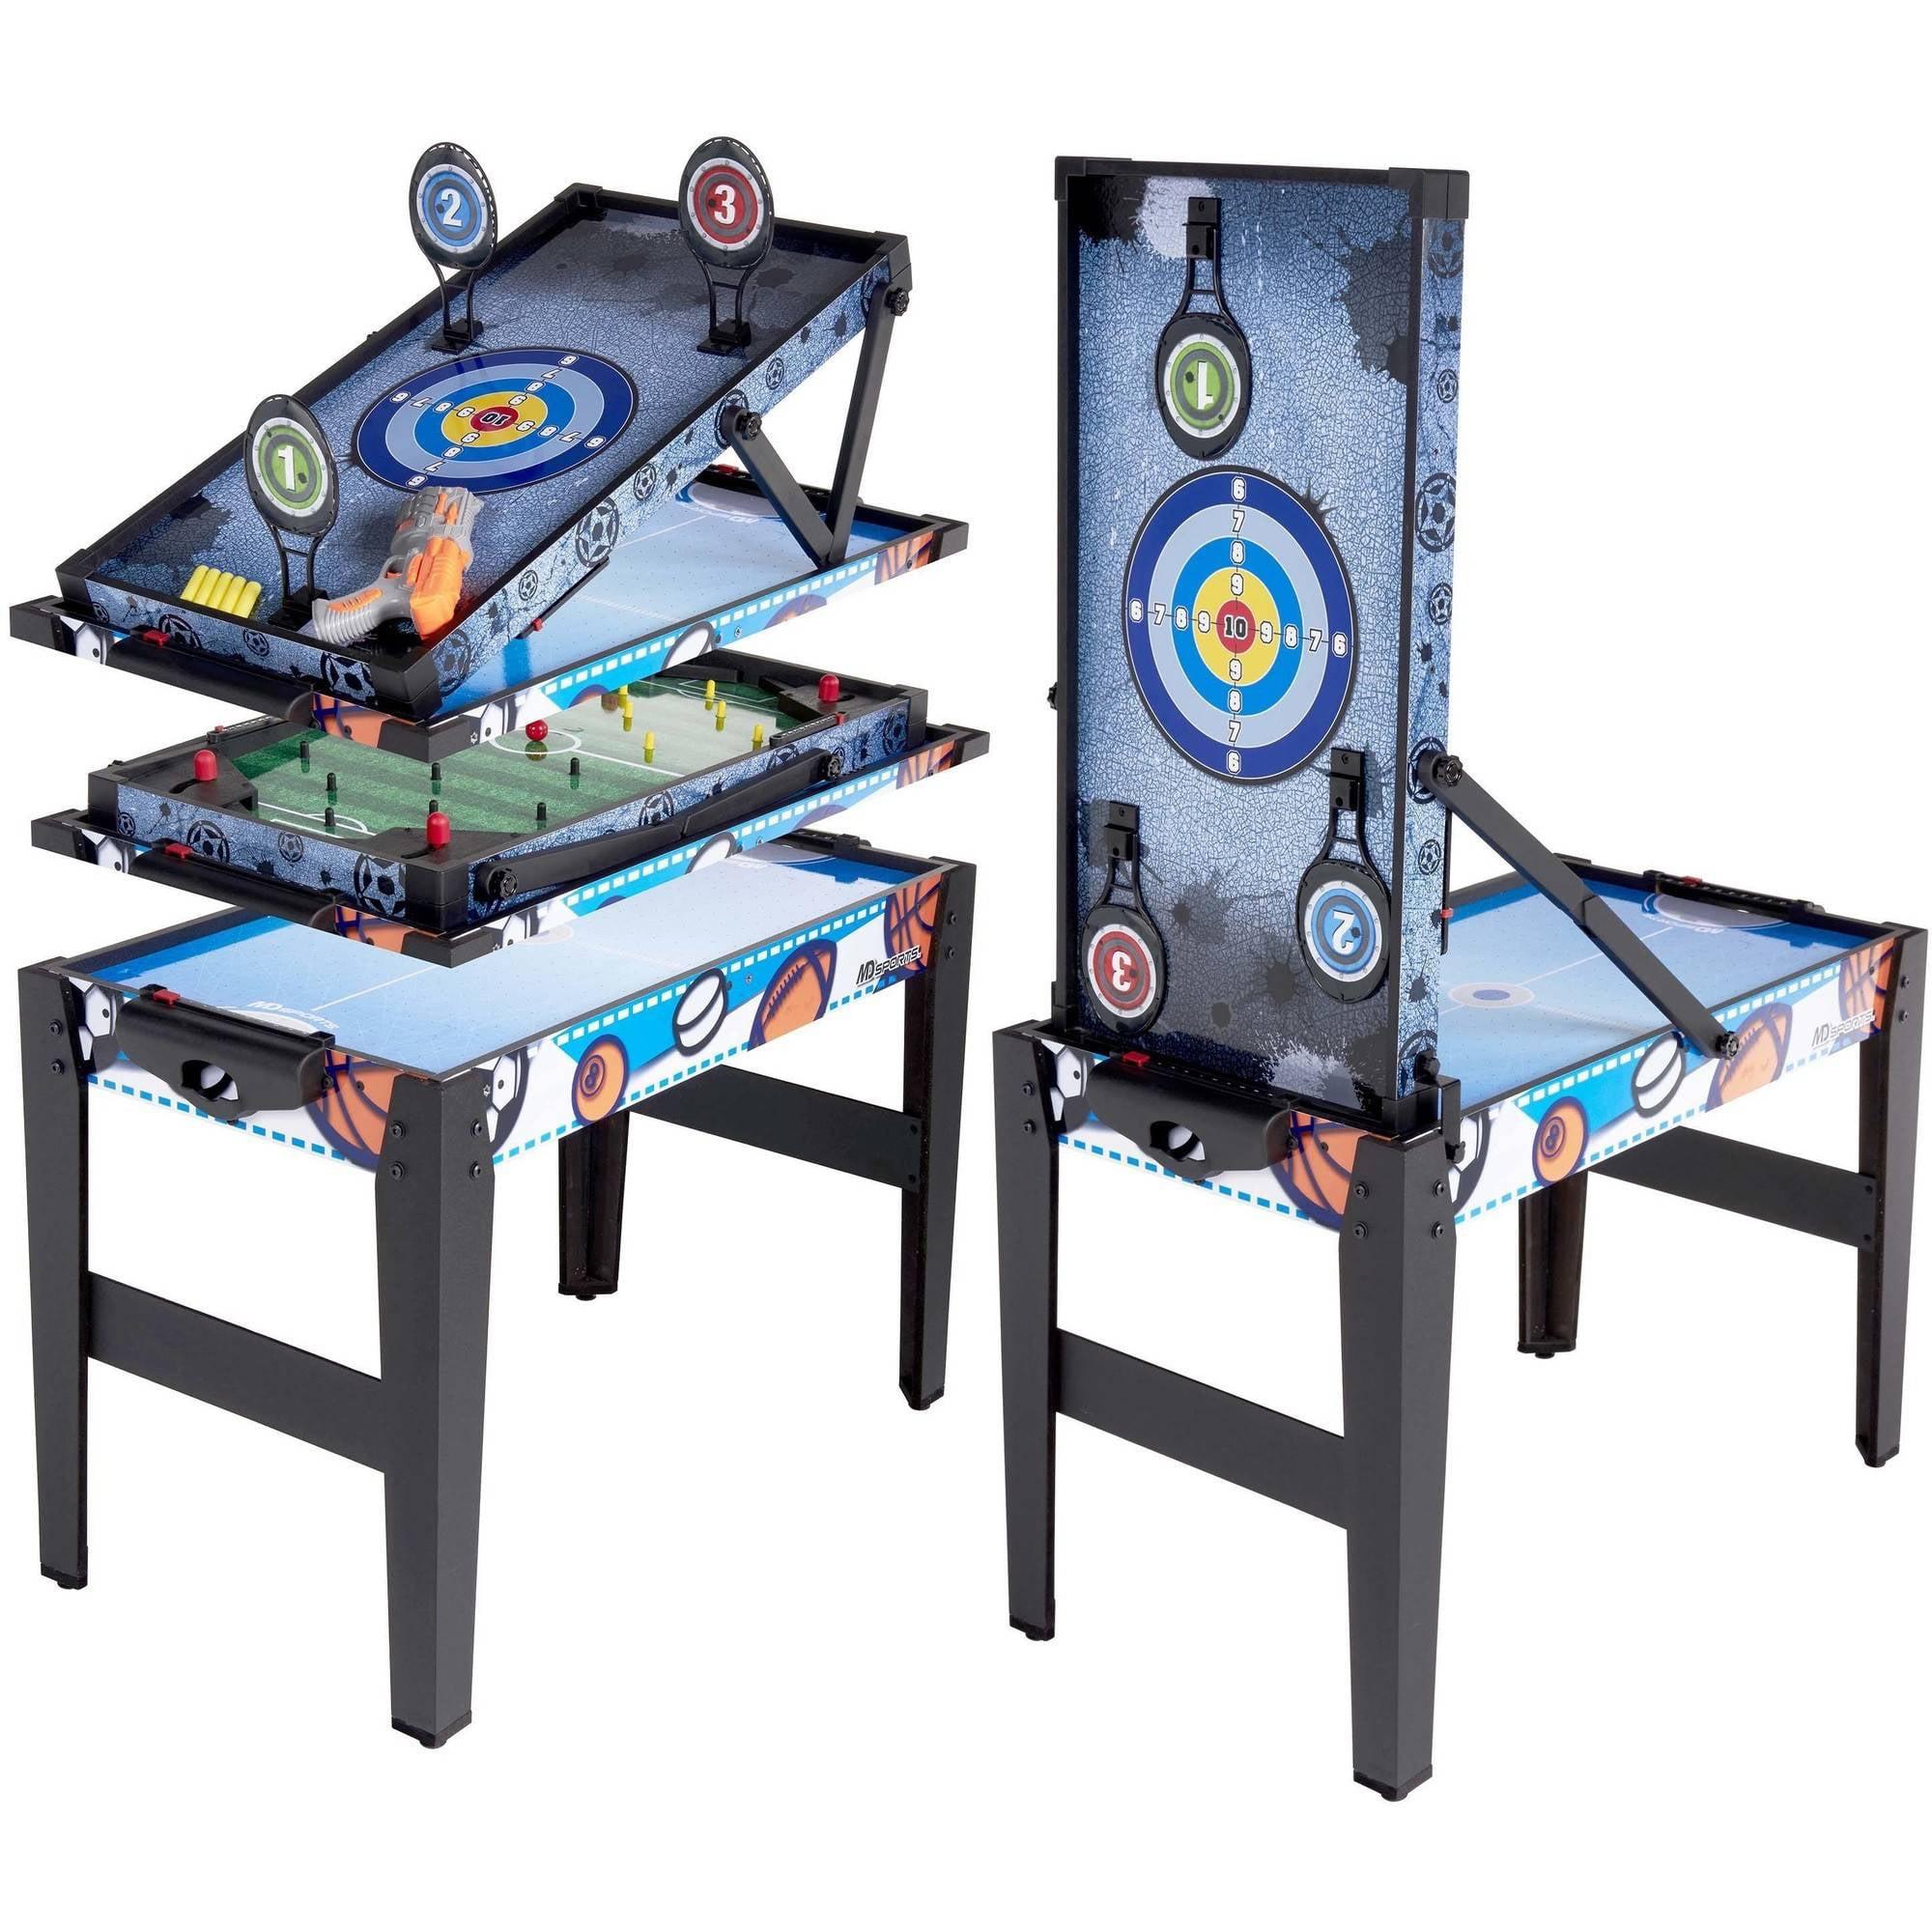 Incroyable Combo Table   Walmart.com